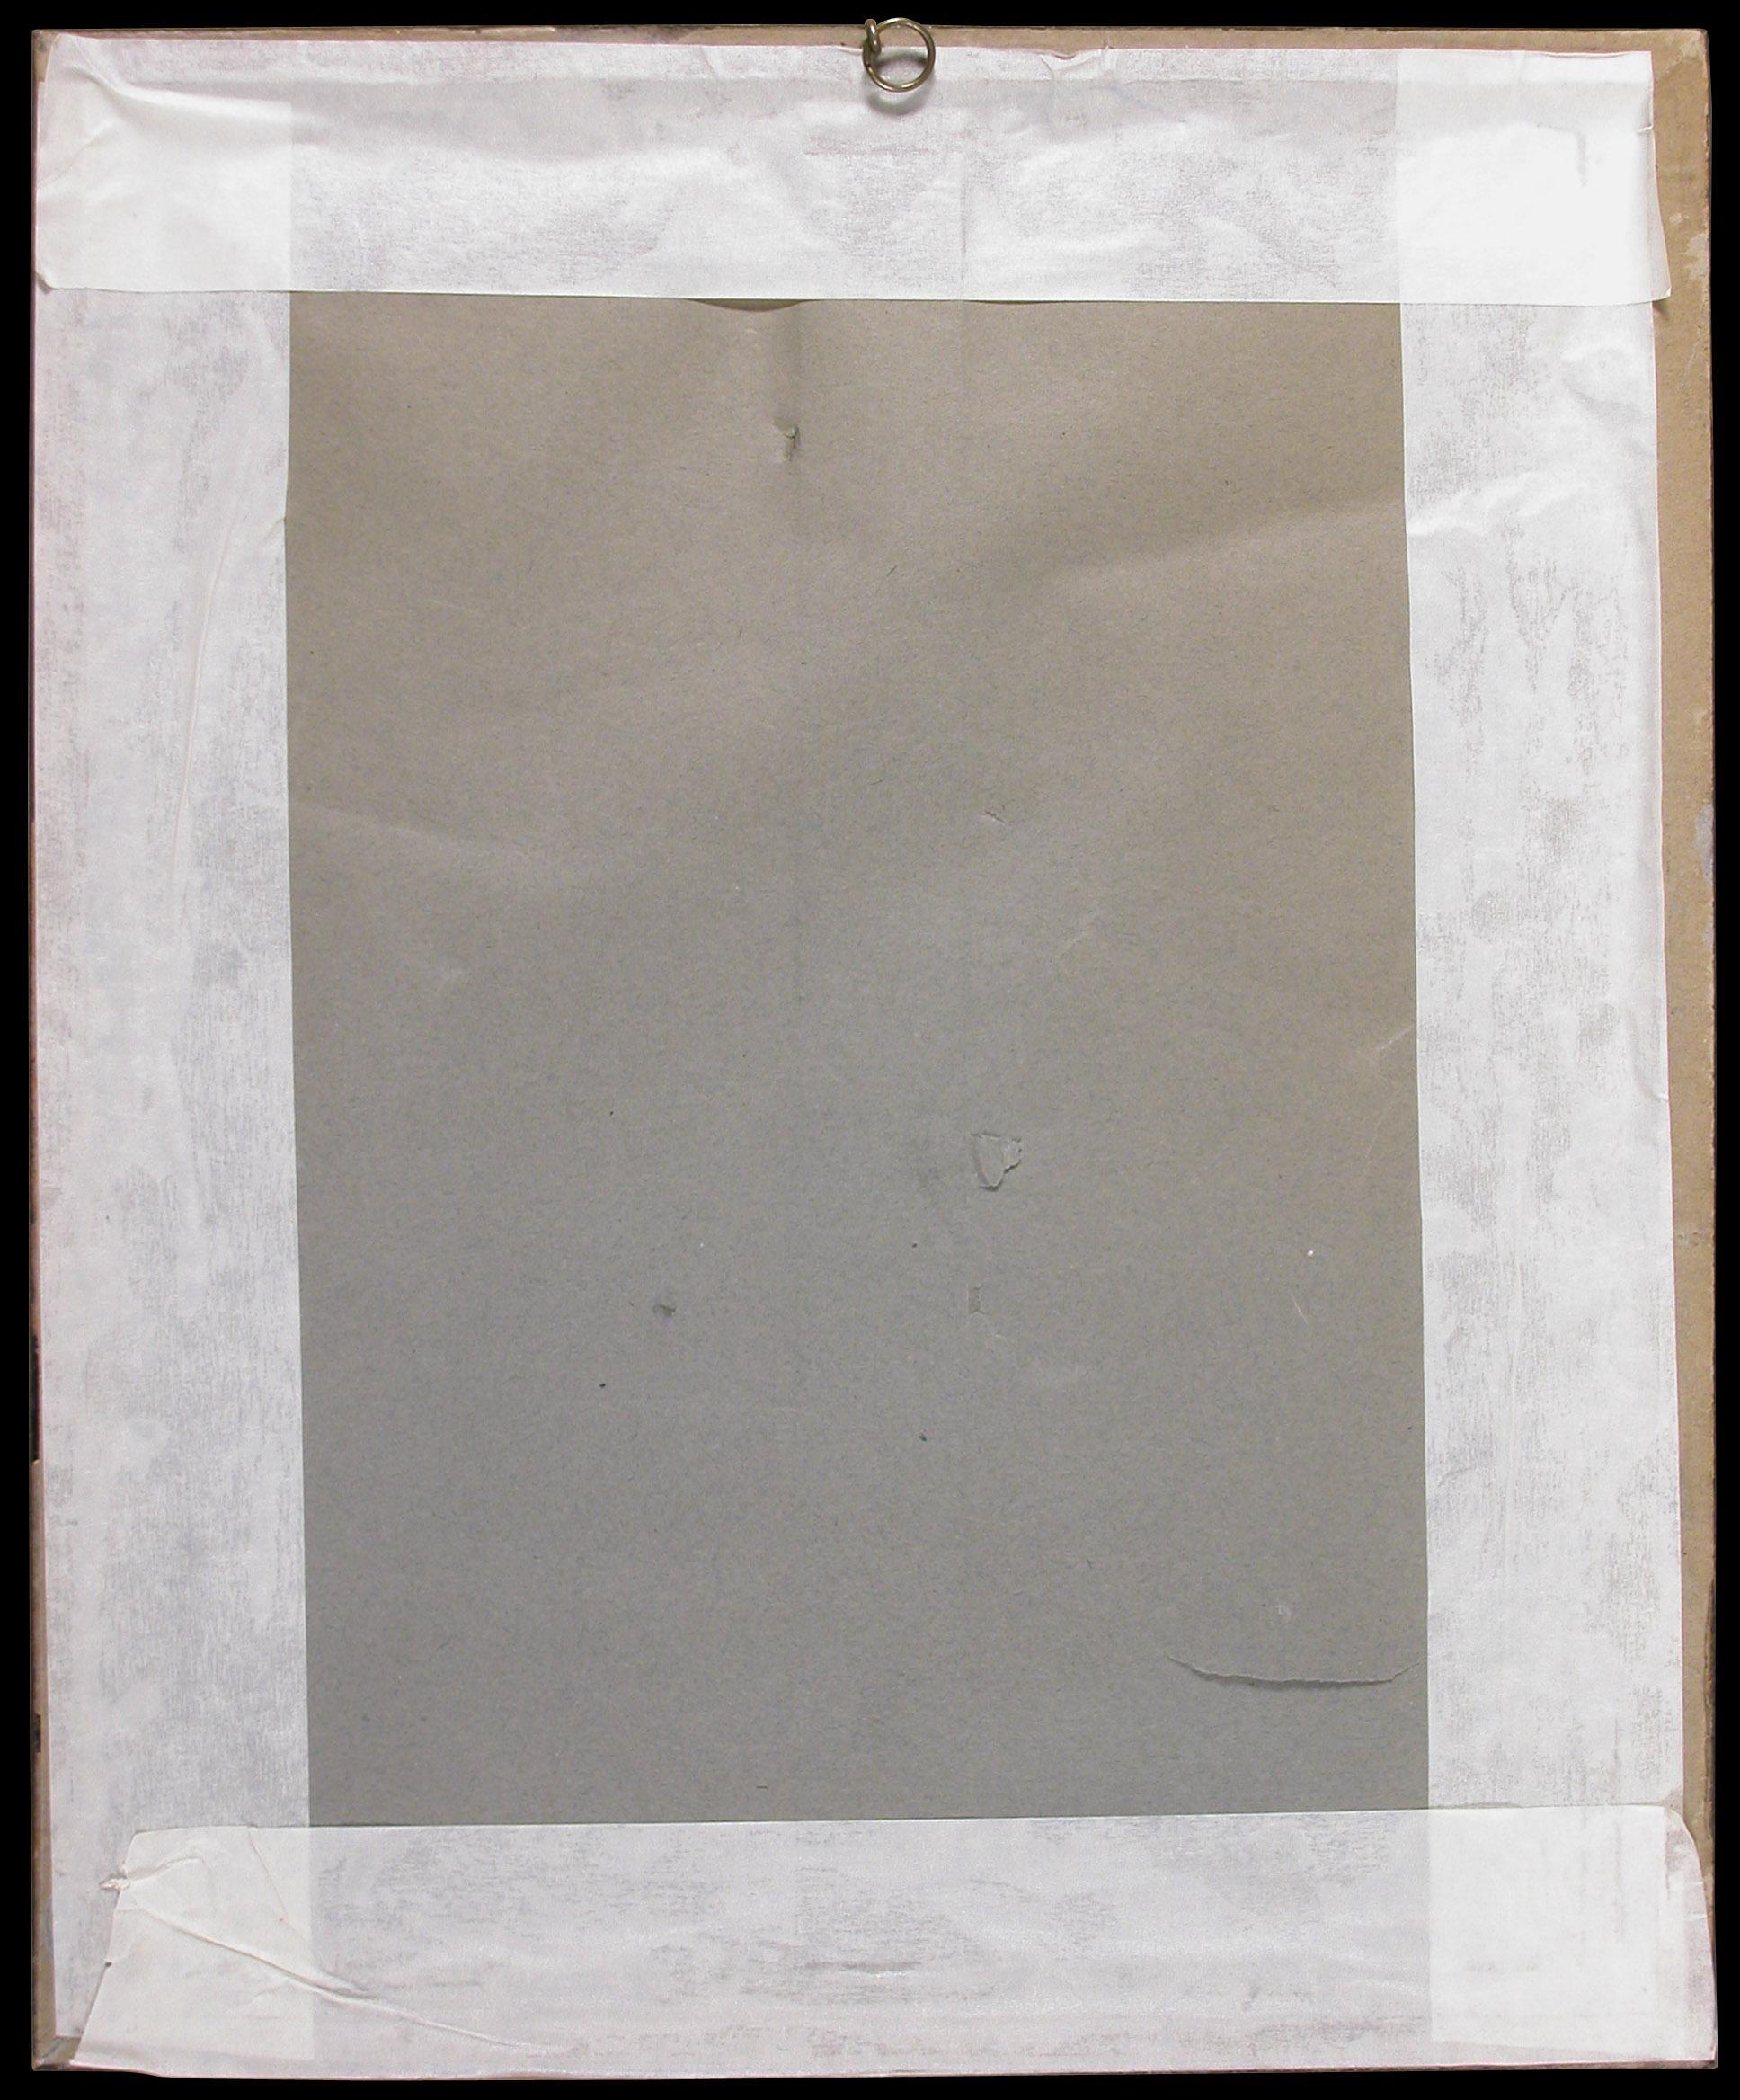 DSCN0526.JPG (1936×2336)